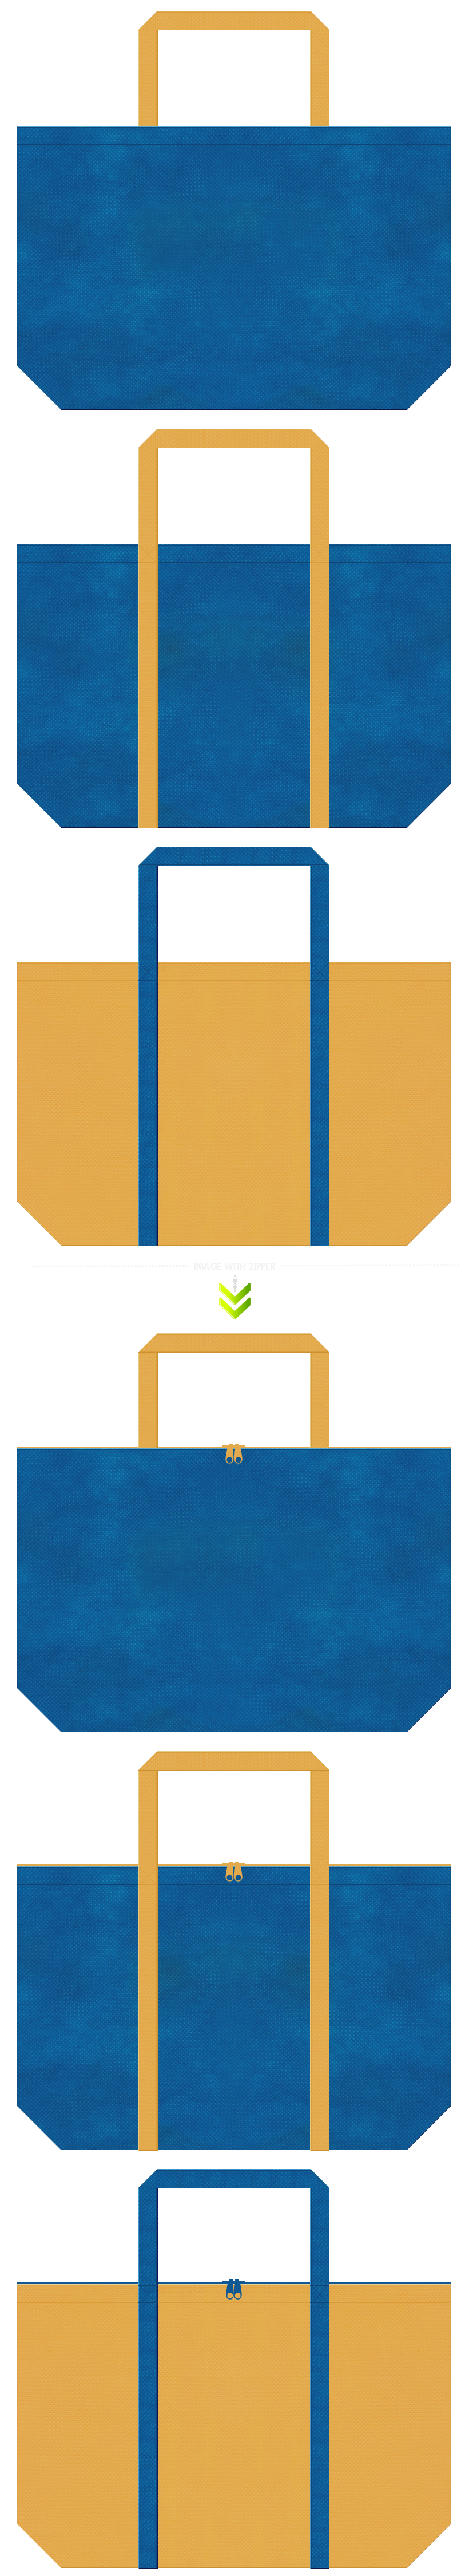 青色と黄土色の不織布エコバッグのデザイン。